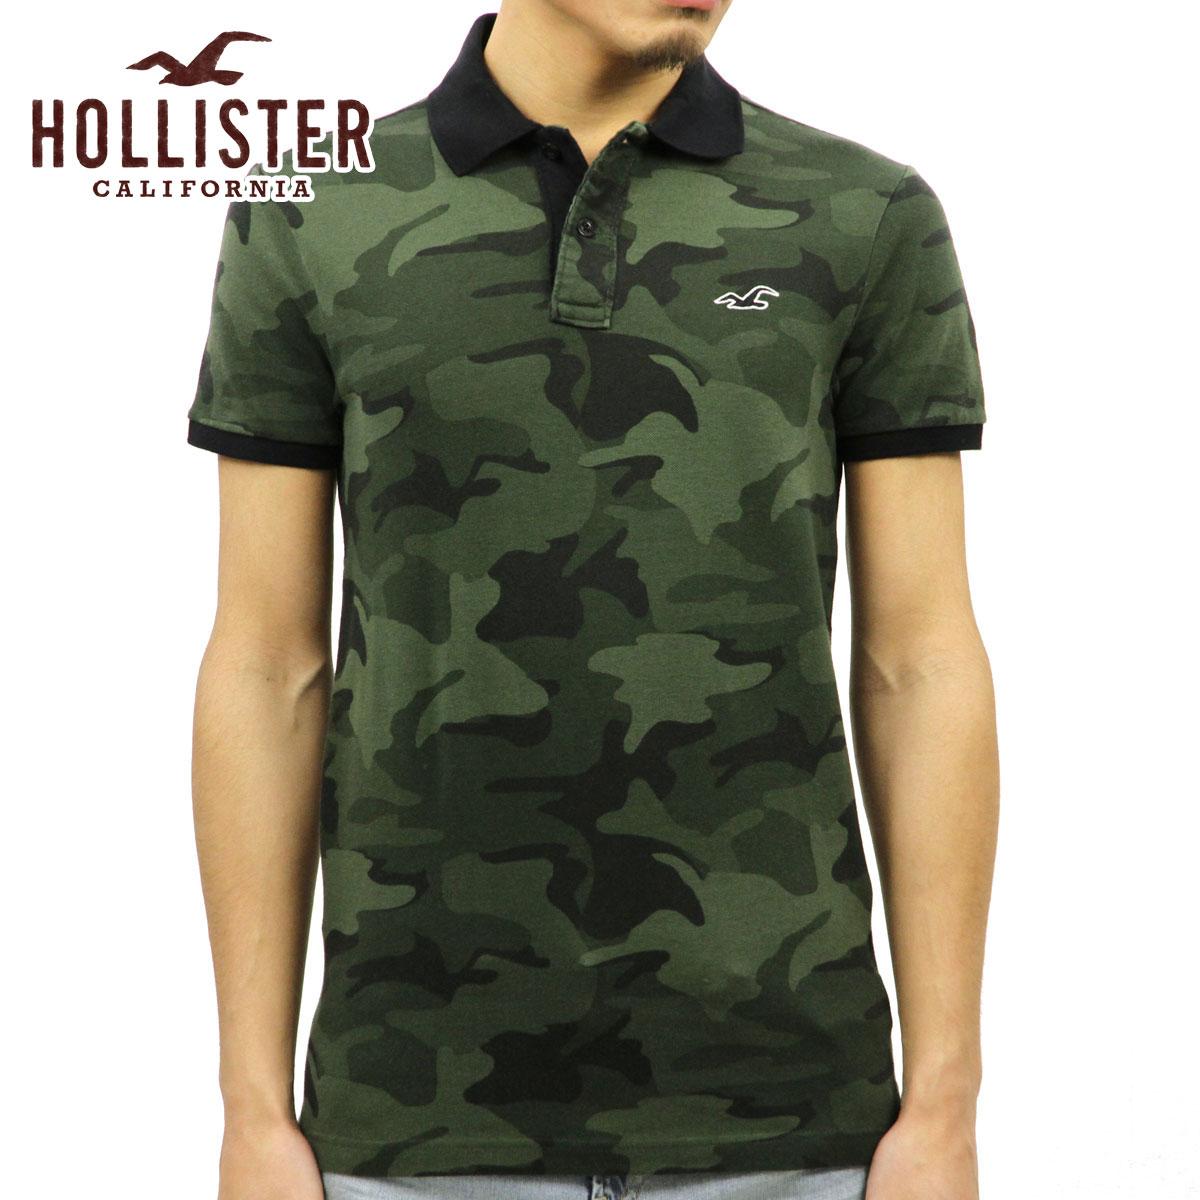 ホリスター HOLLISTER 正規品 メンズ 半袖ポロシャツ 父の日 Stretch Pique Camo Polo Epic Flex 321-364-0659-380